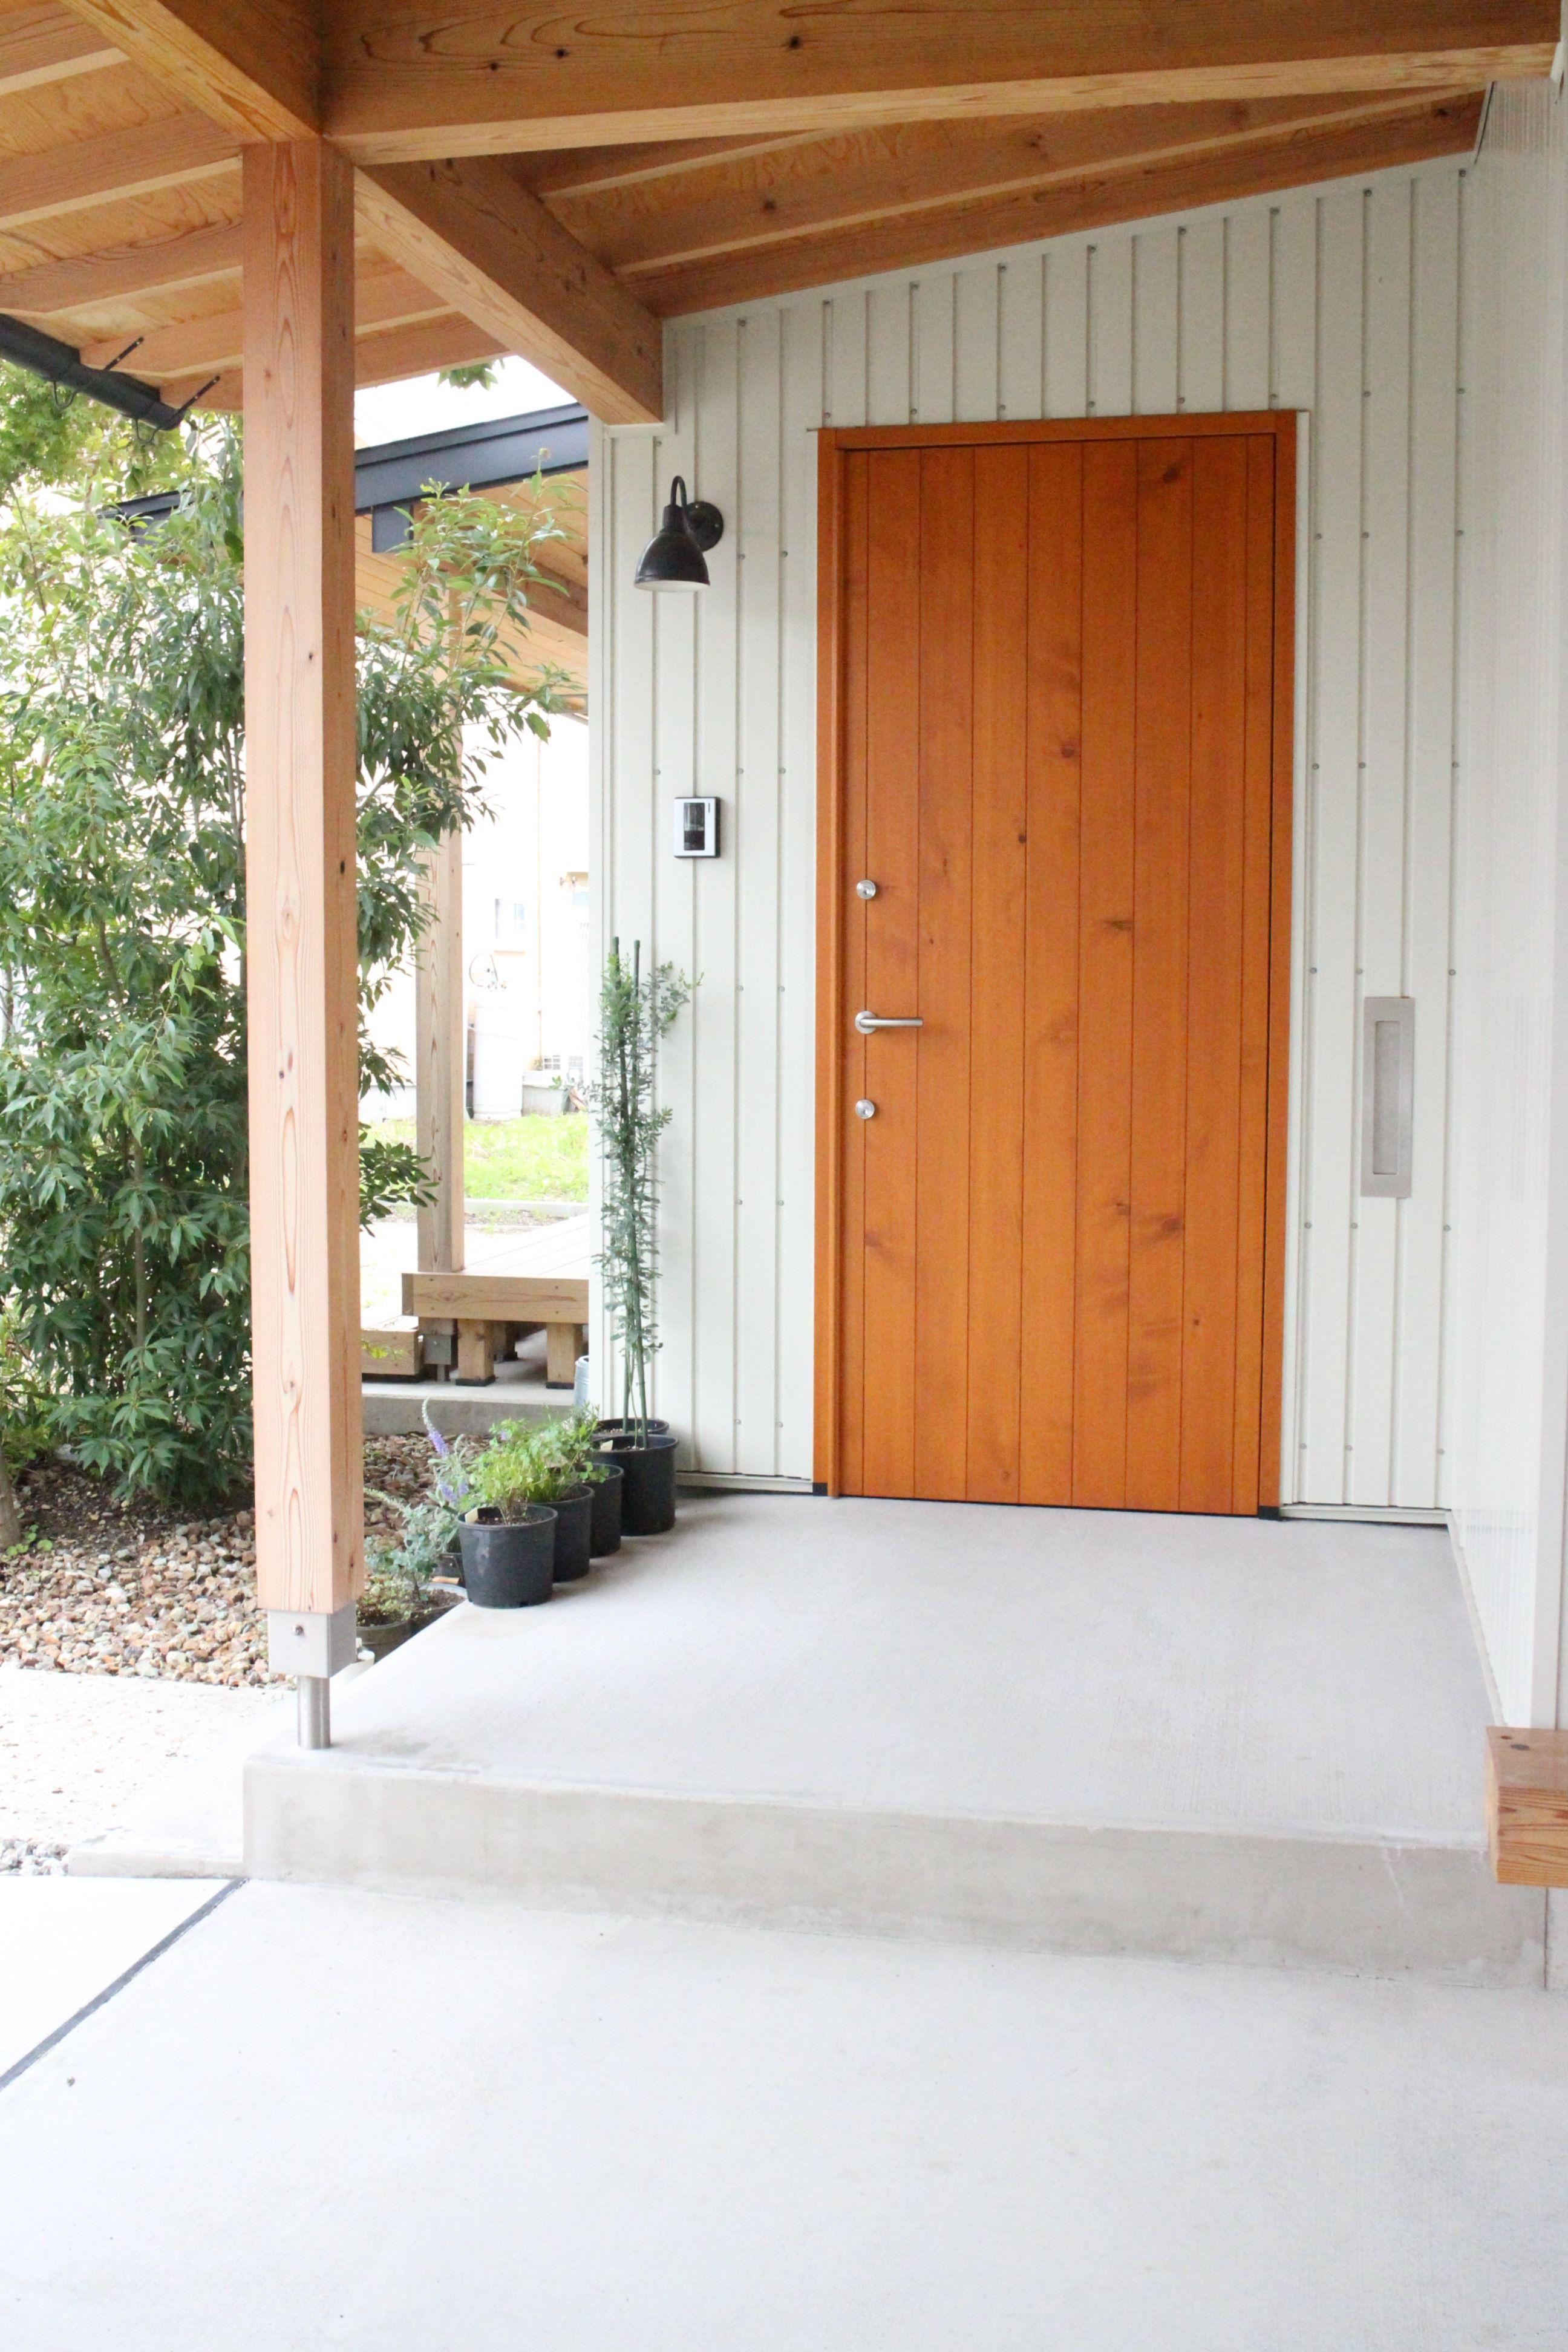 広島県廿日市市の職人がつくる高断熱木製ドア 本物の木製ドアだから